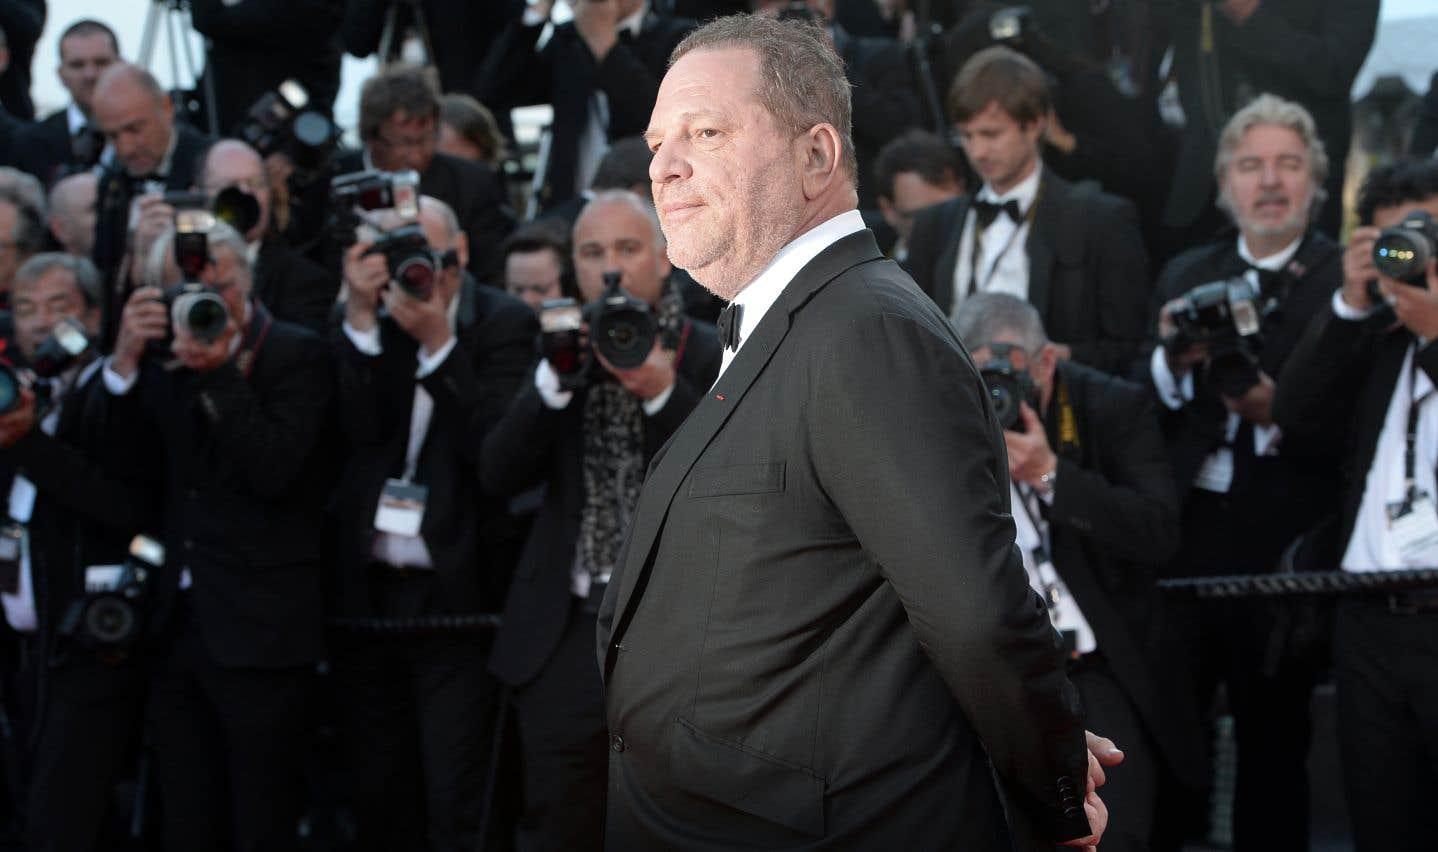 Des questions sur l'omertà à Hollywood après le licenciement de Harvey Weinstein